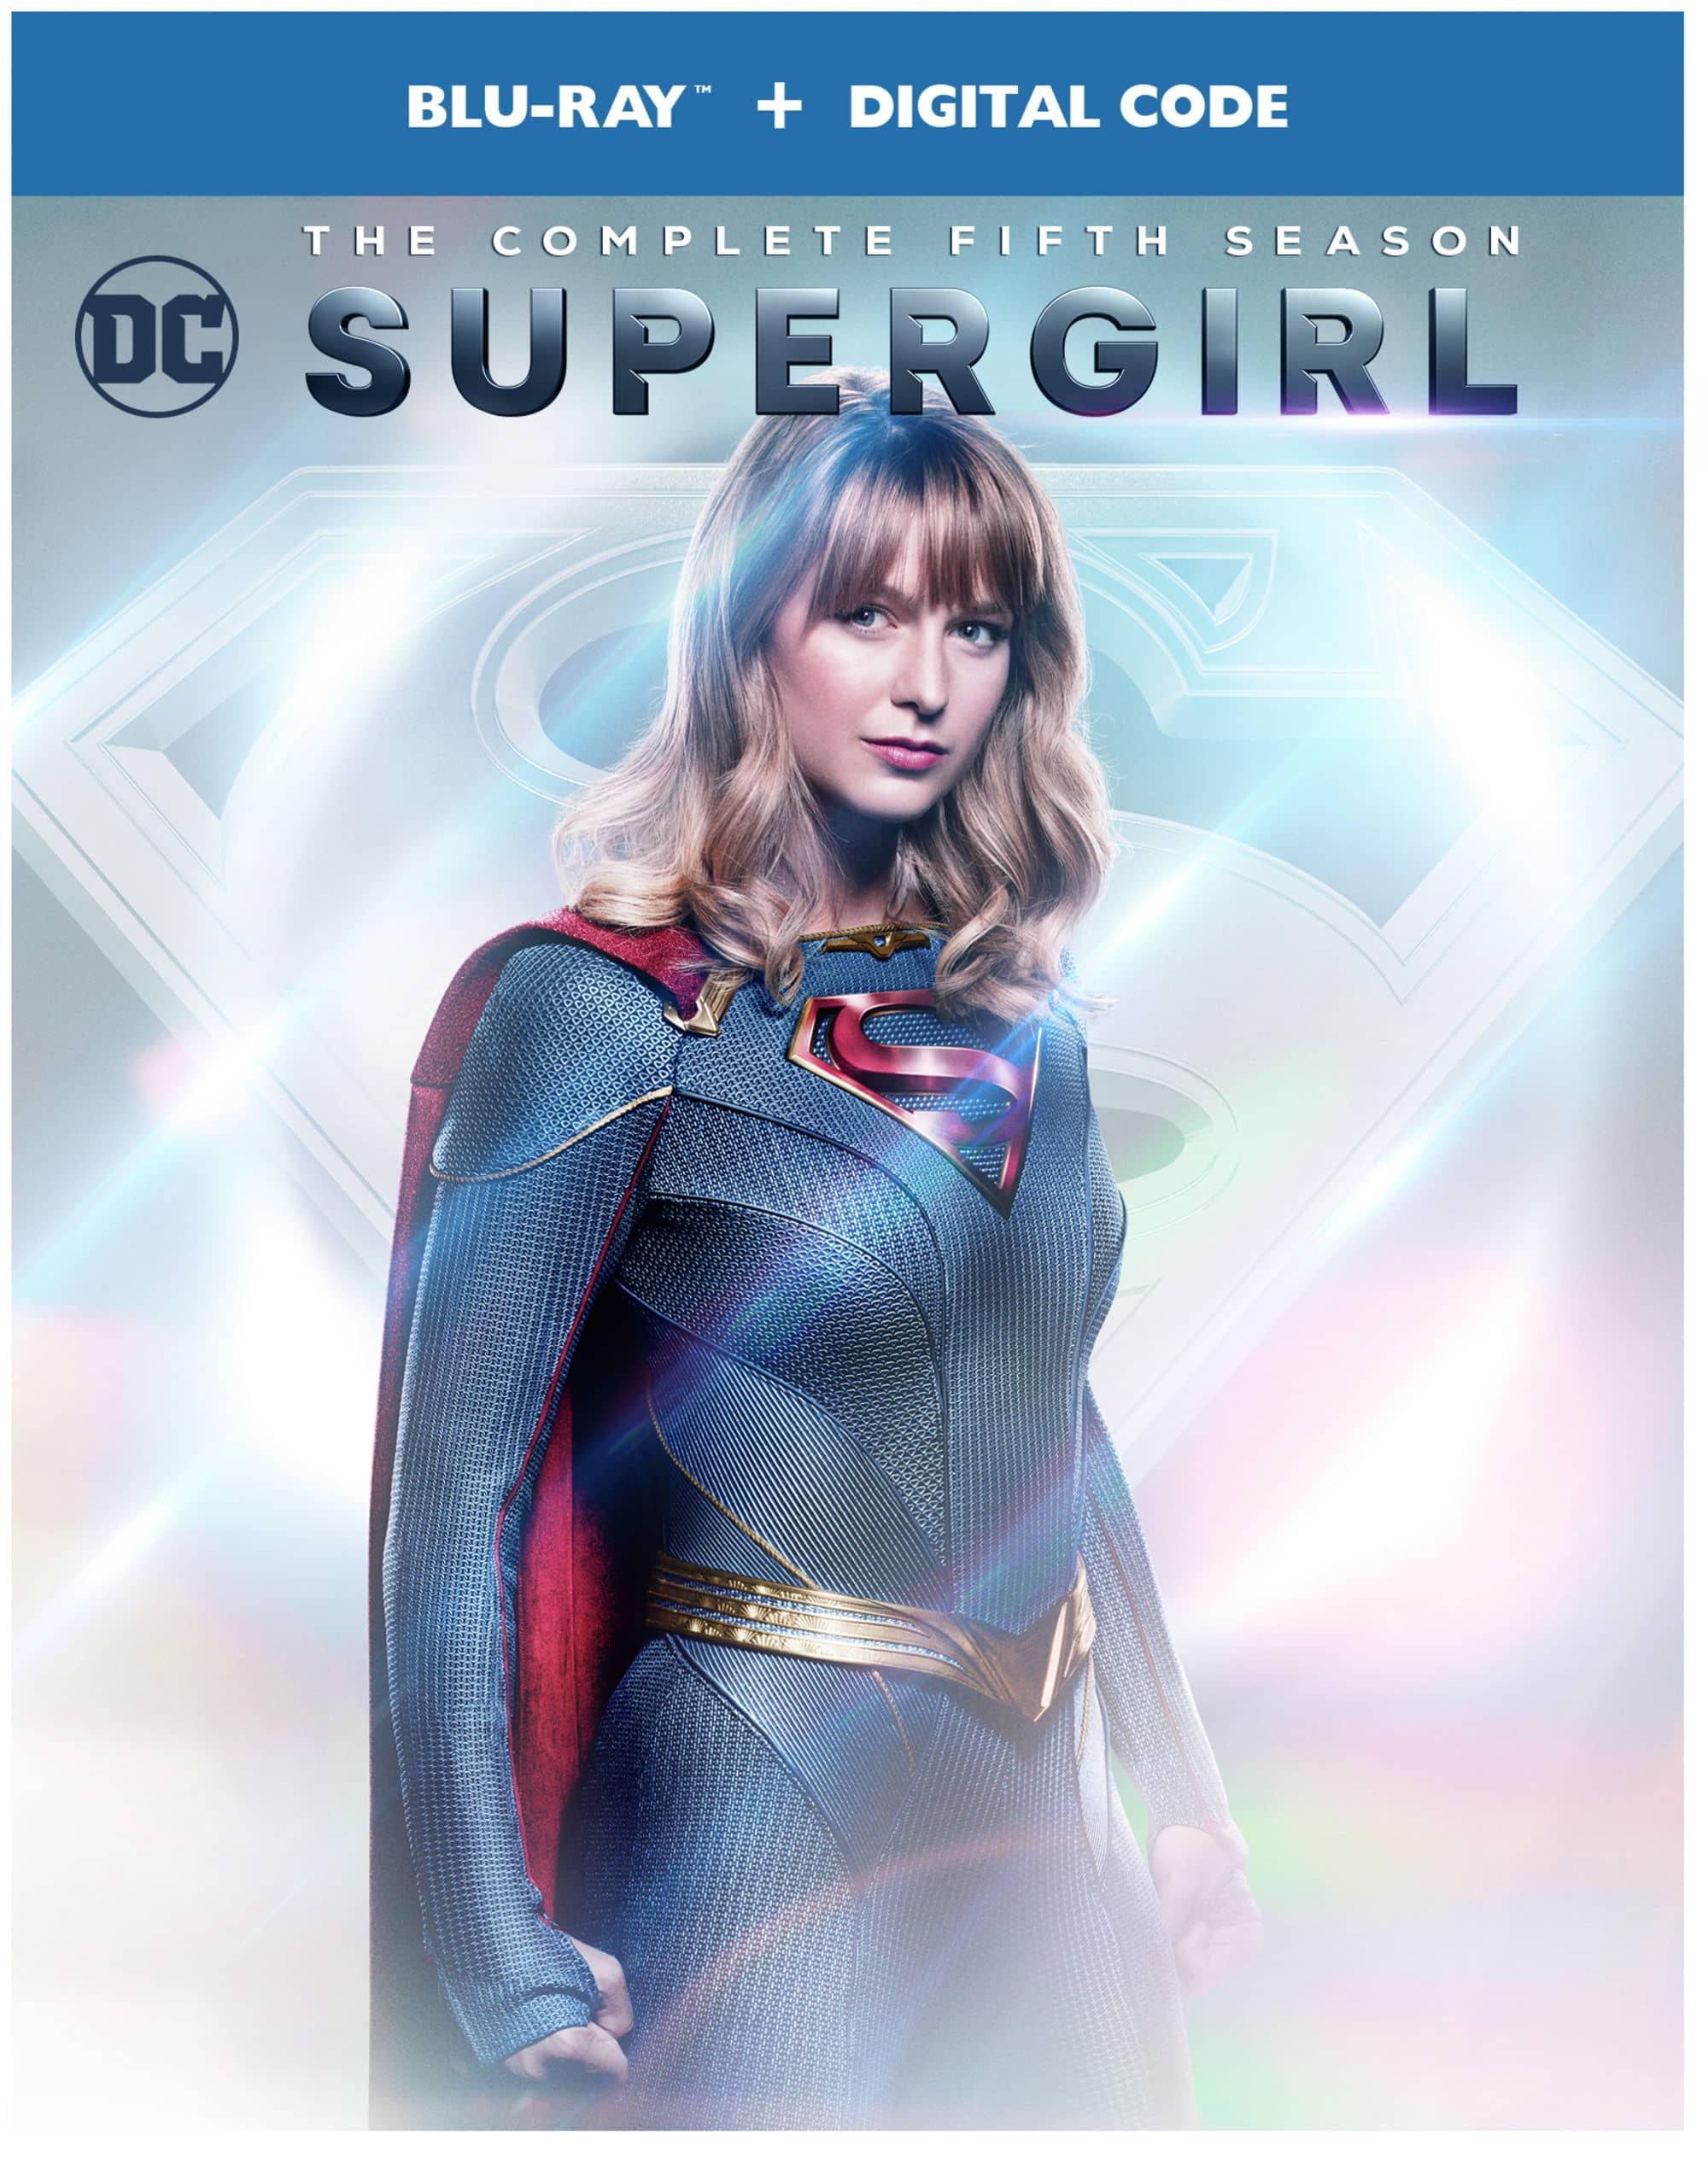 Supergirl S5 BD